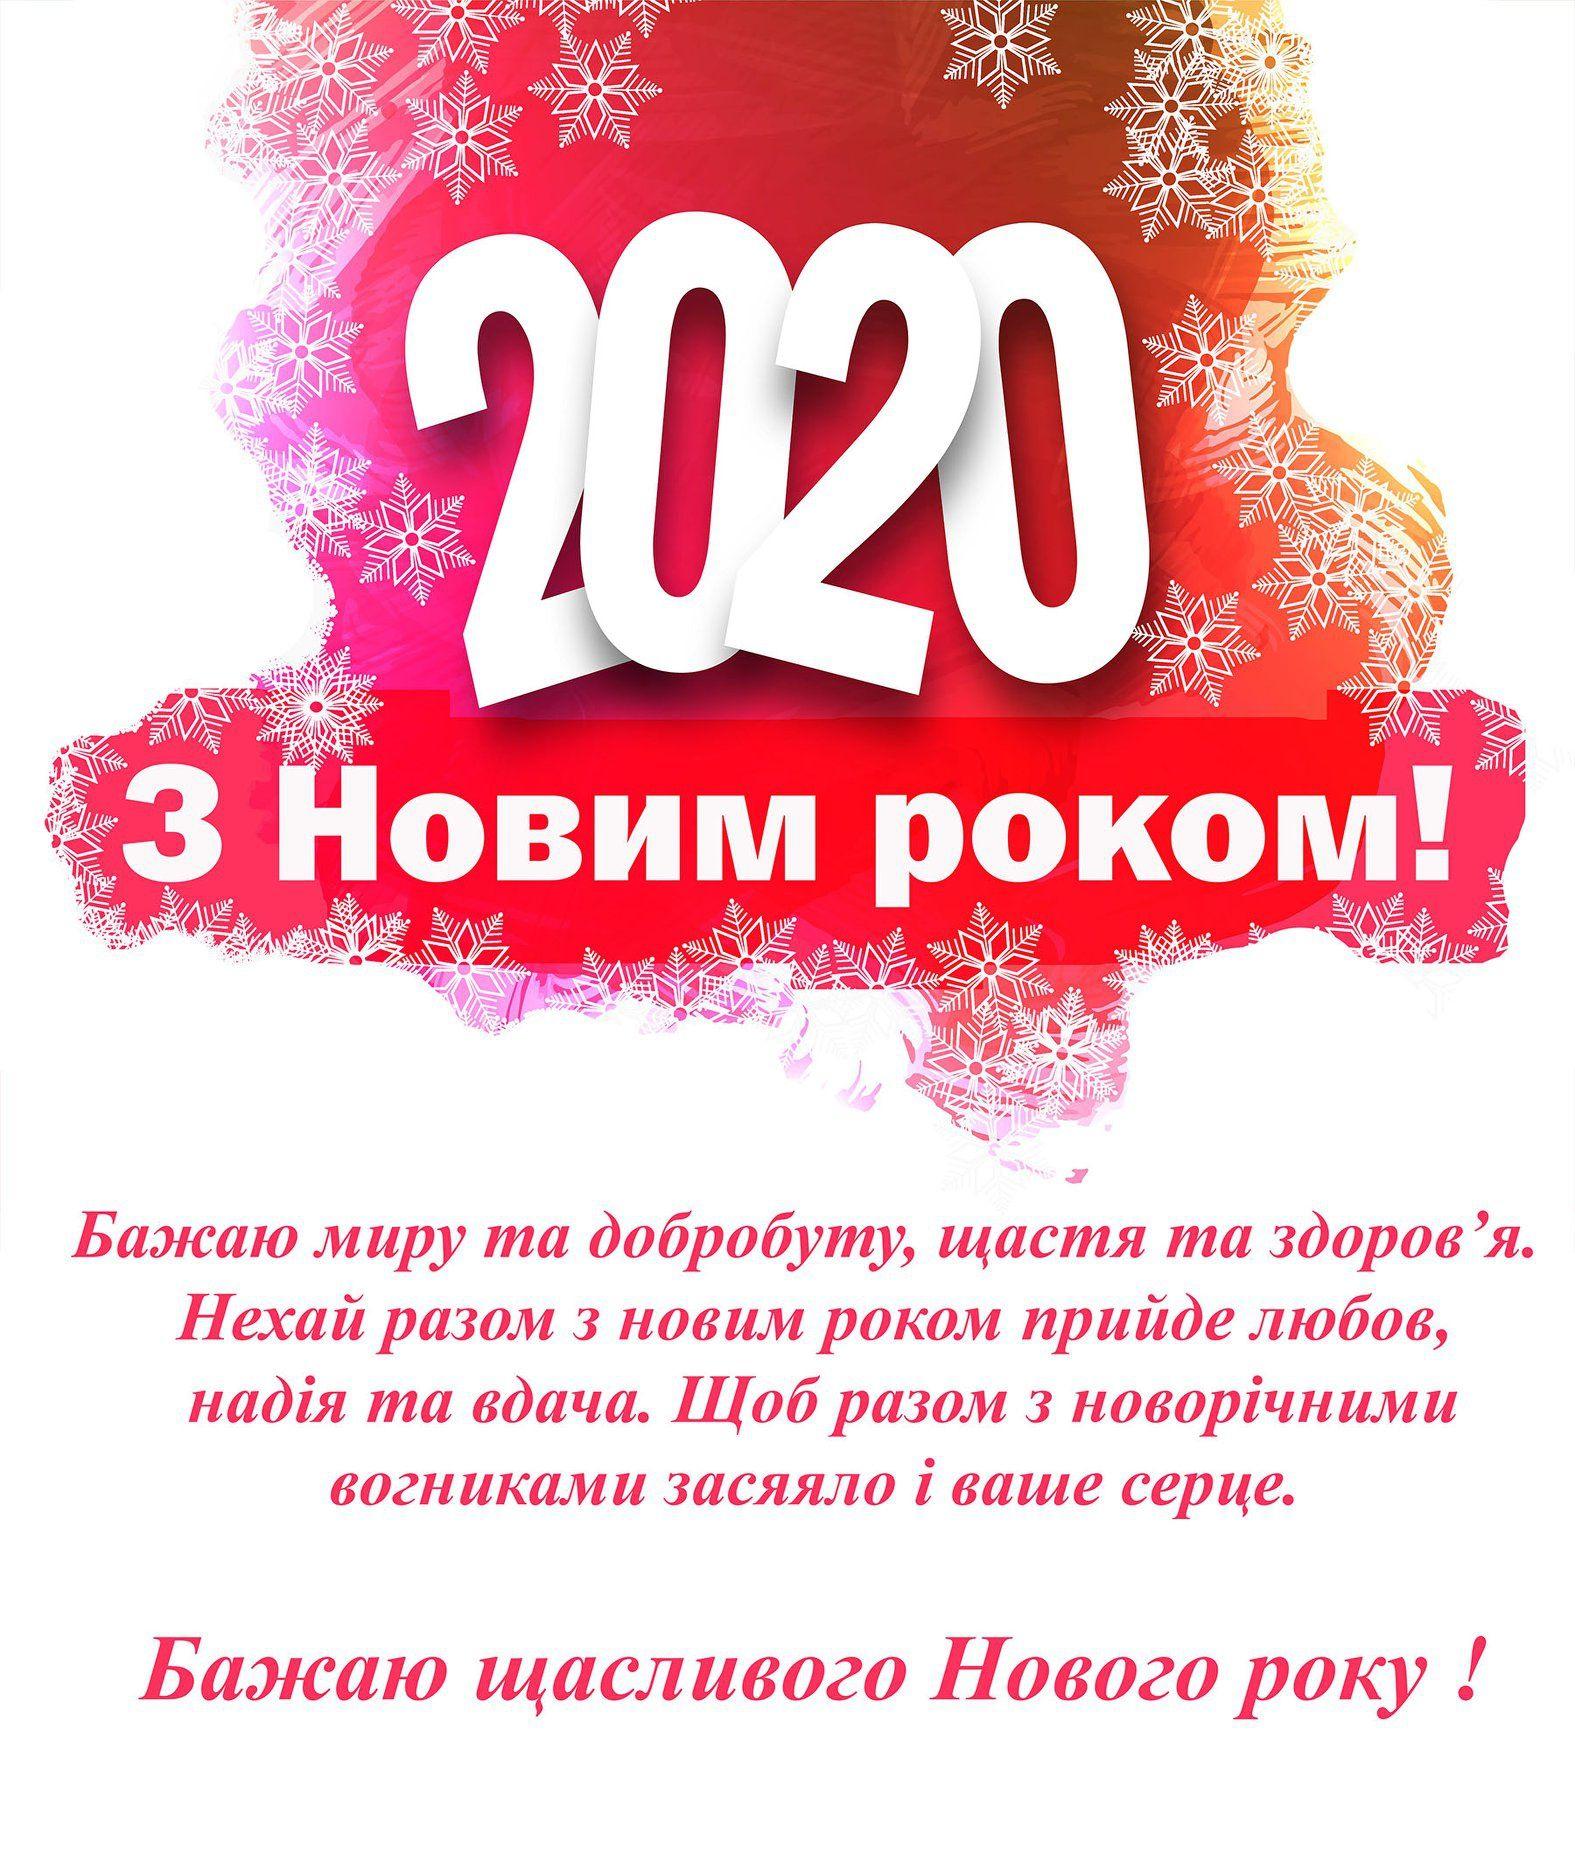 Привітання з новим роком сторінка 32 із 32, листівка 312